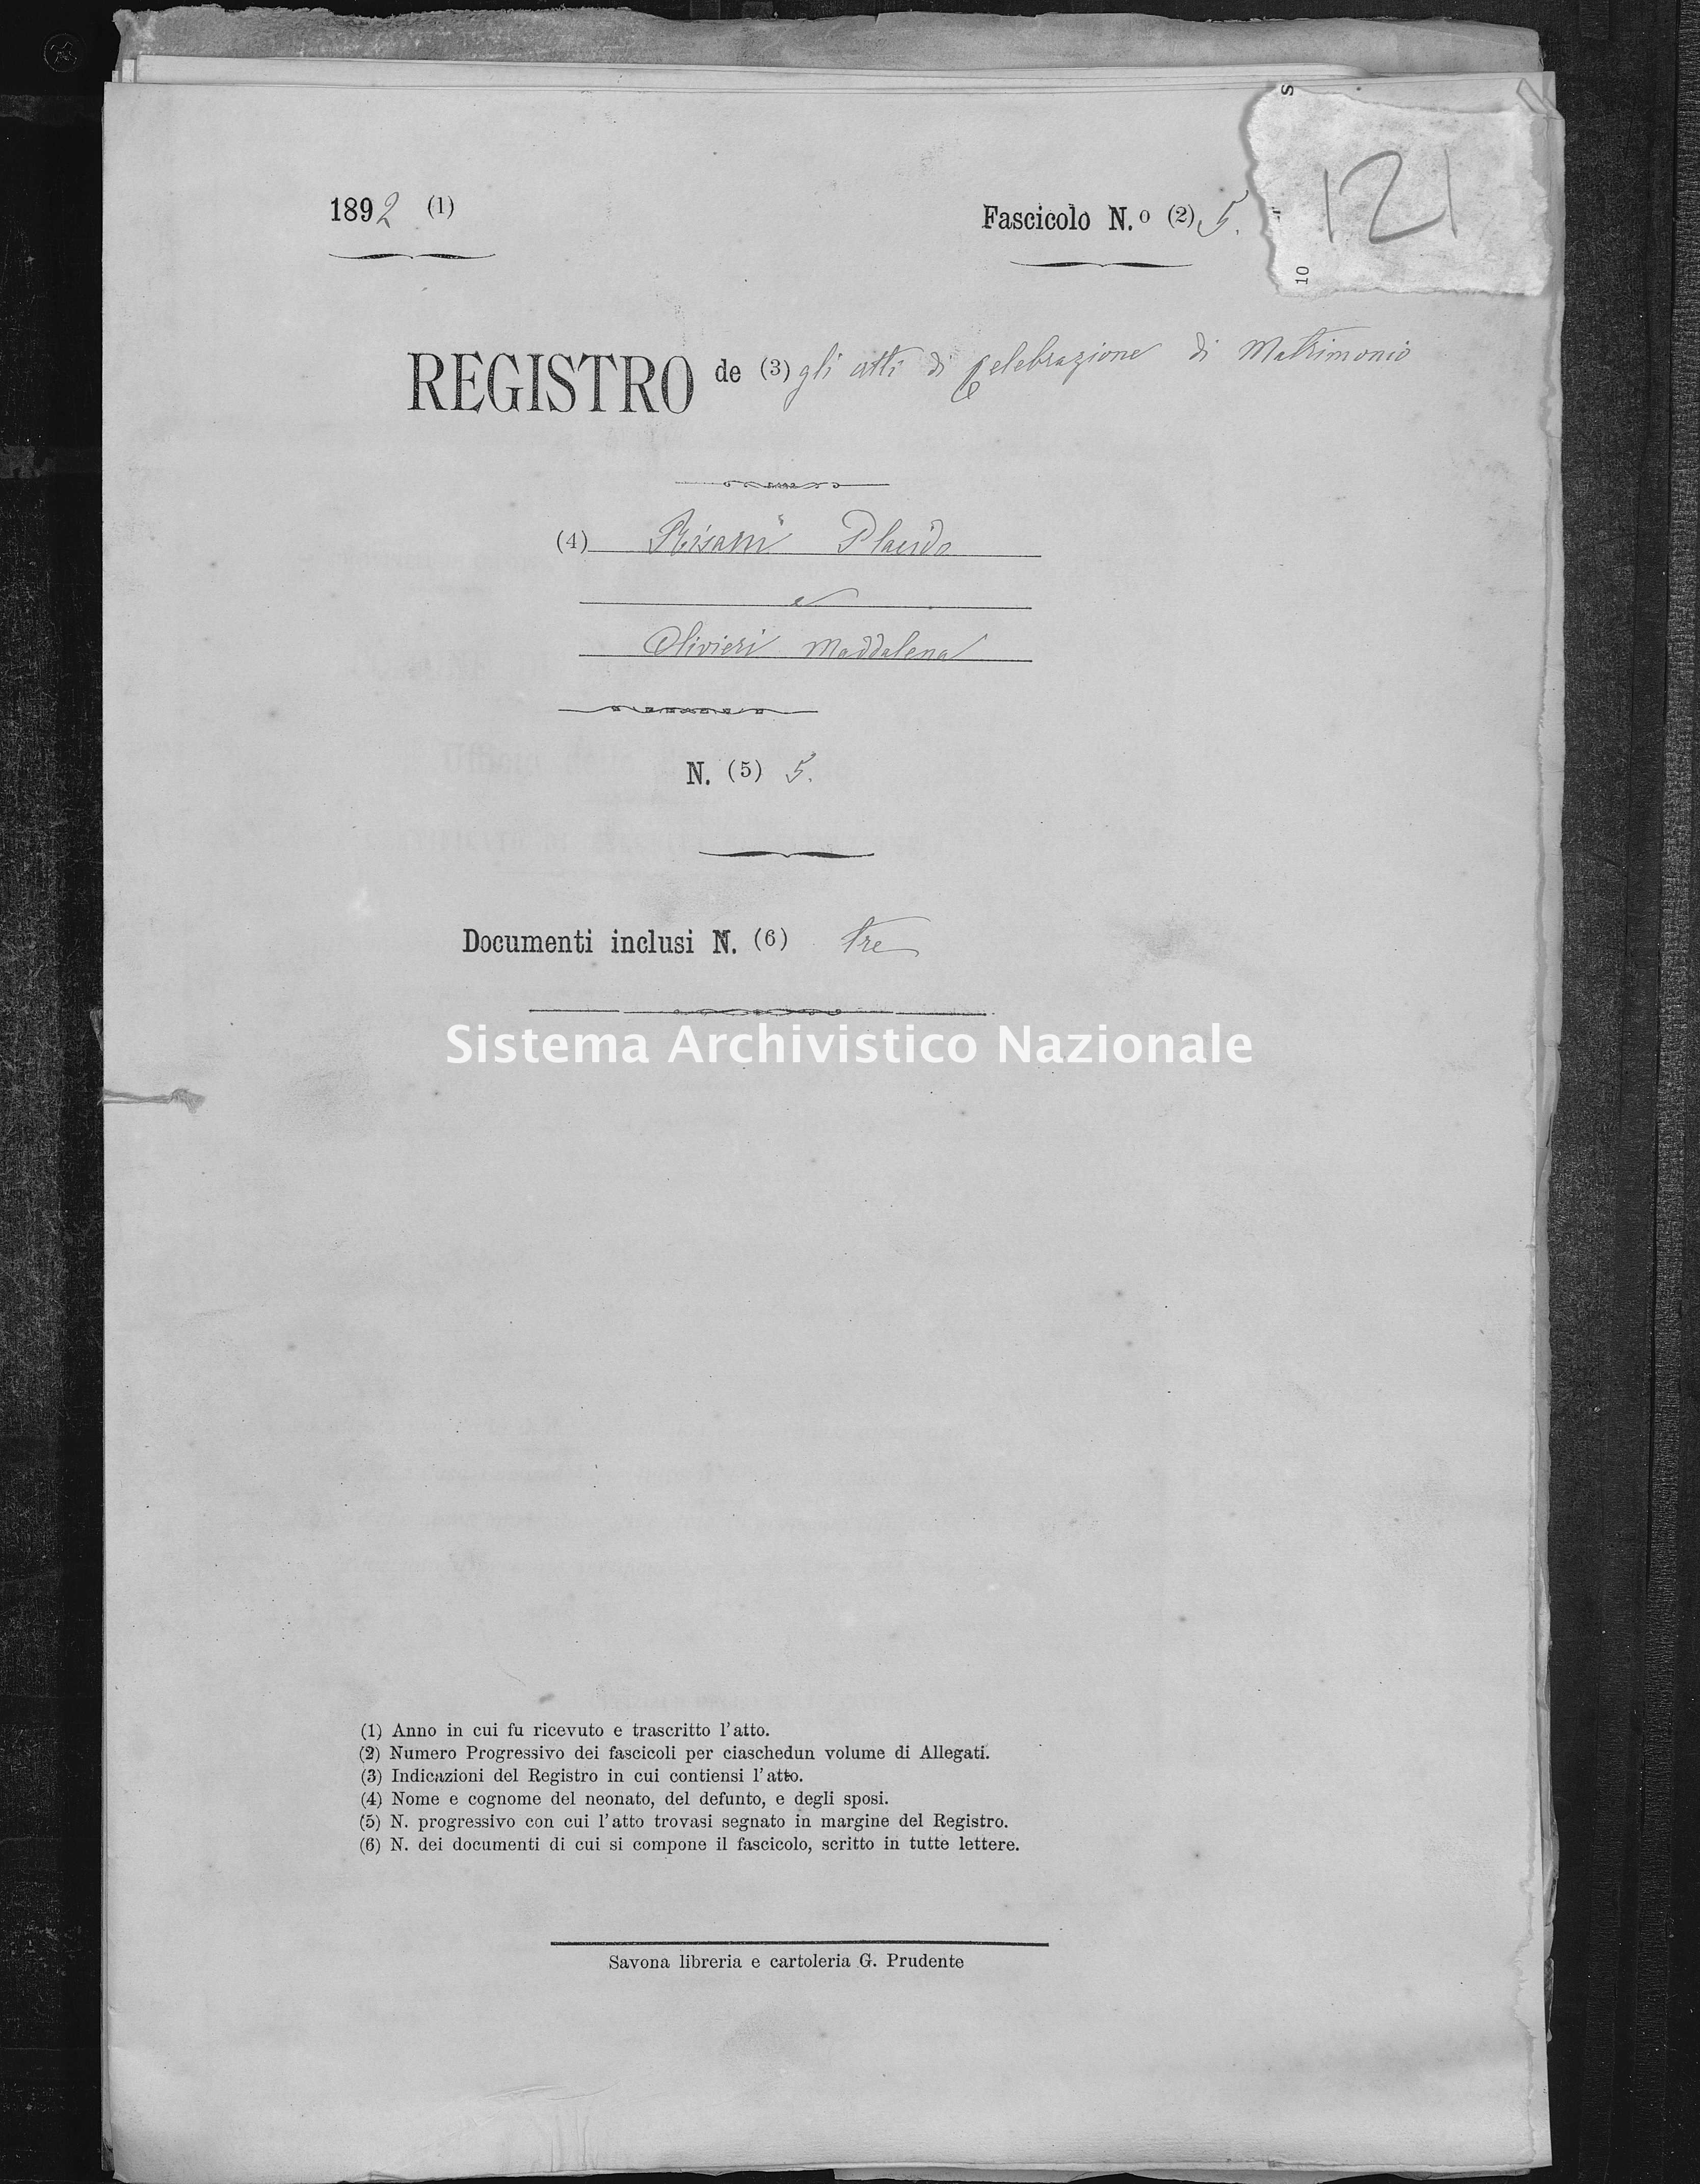 Archivio di stato di Savona - Stato civile - Santa Giulia - Matrimoni, pubblicazioni allegati - 1892 - 121 -